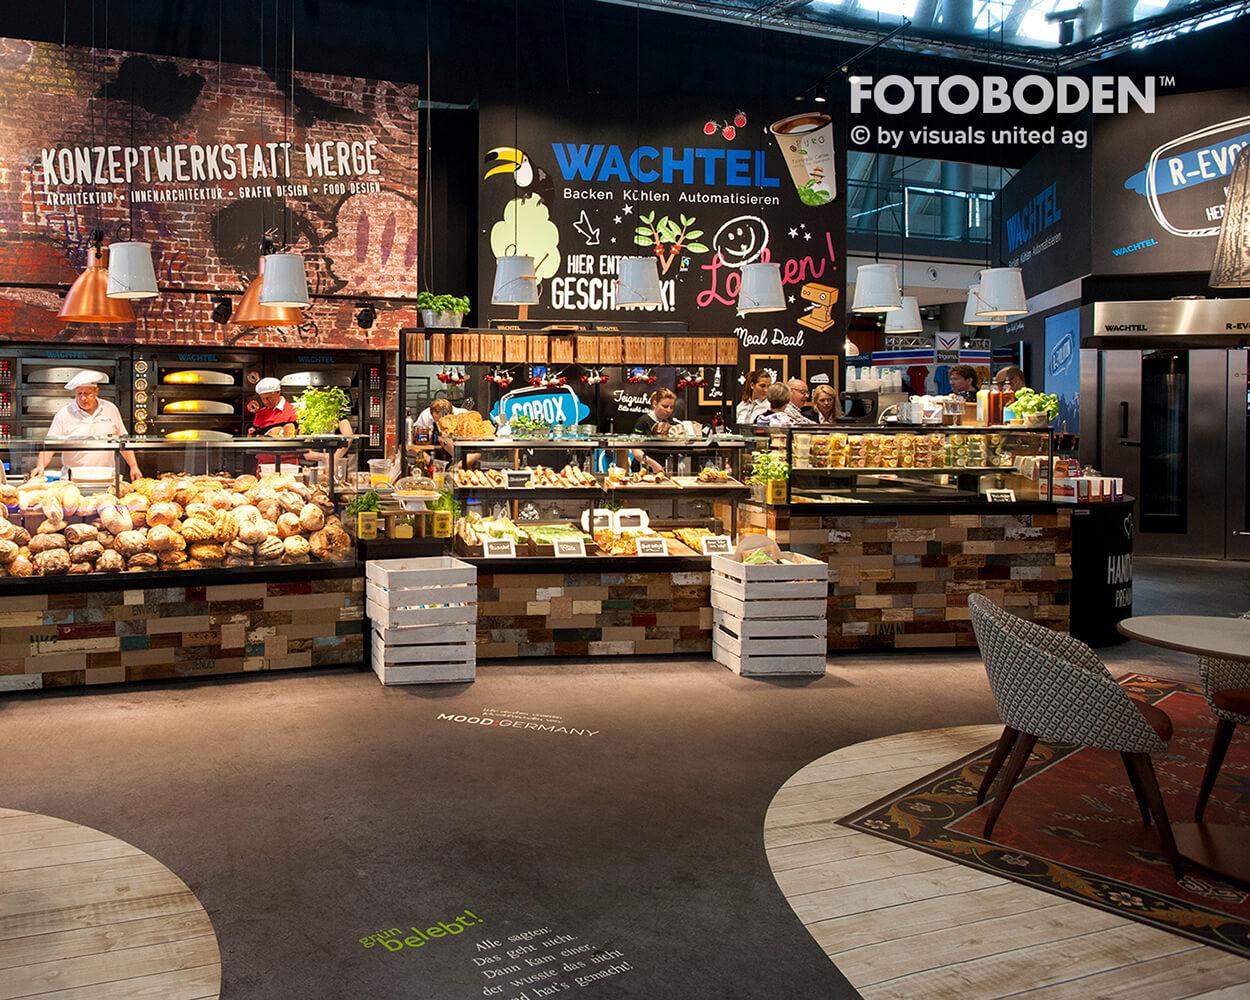 Gastronomie Verkaufsfläche FOTOBODEN™ Einkaufszentrum